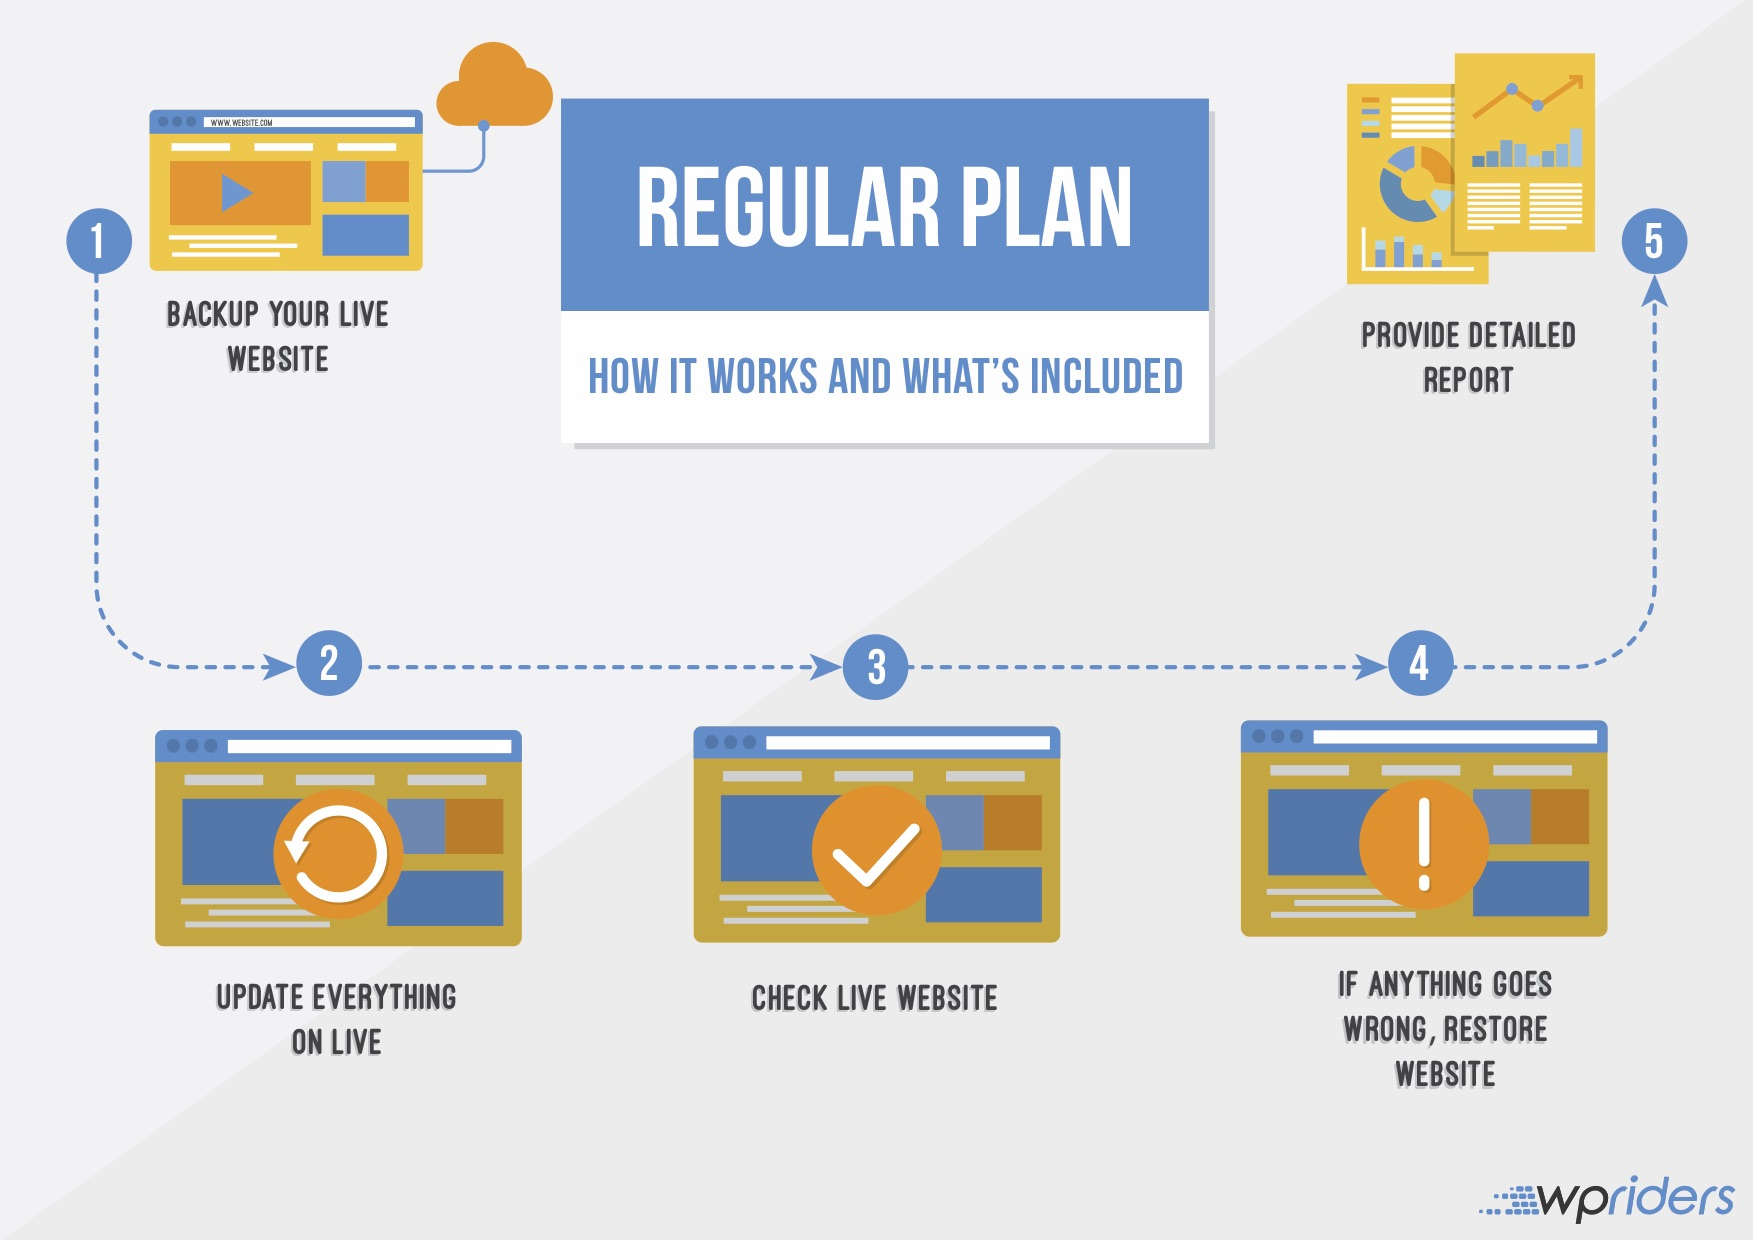 WordPress Updates Regular Plan